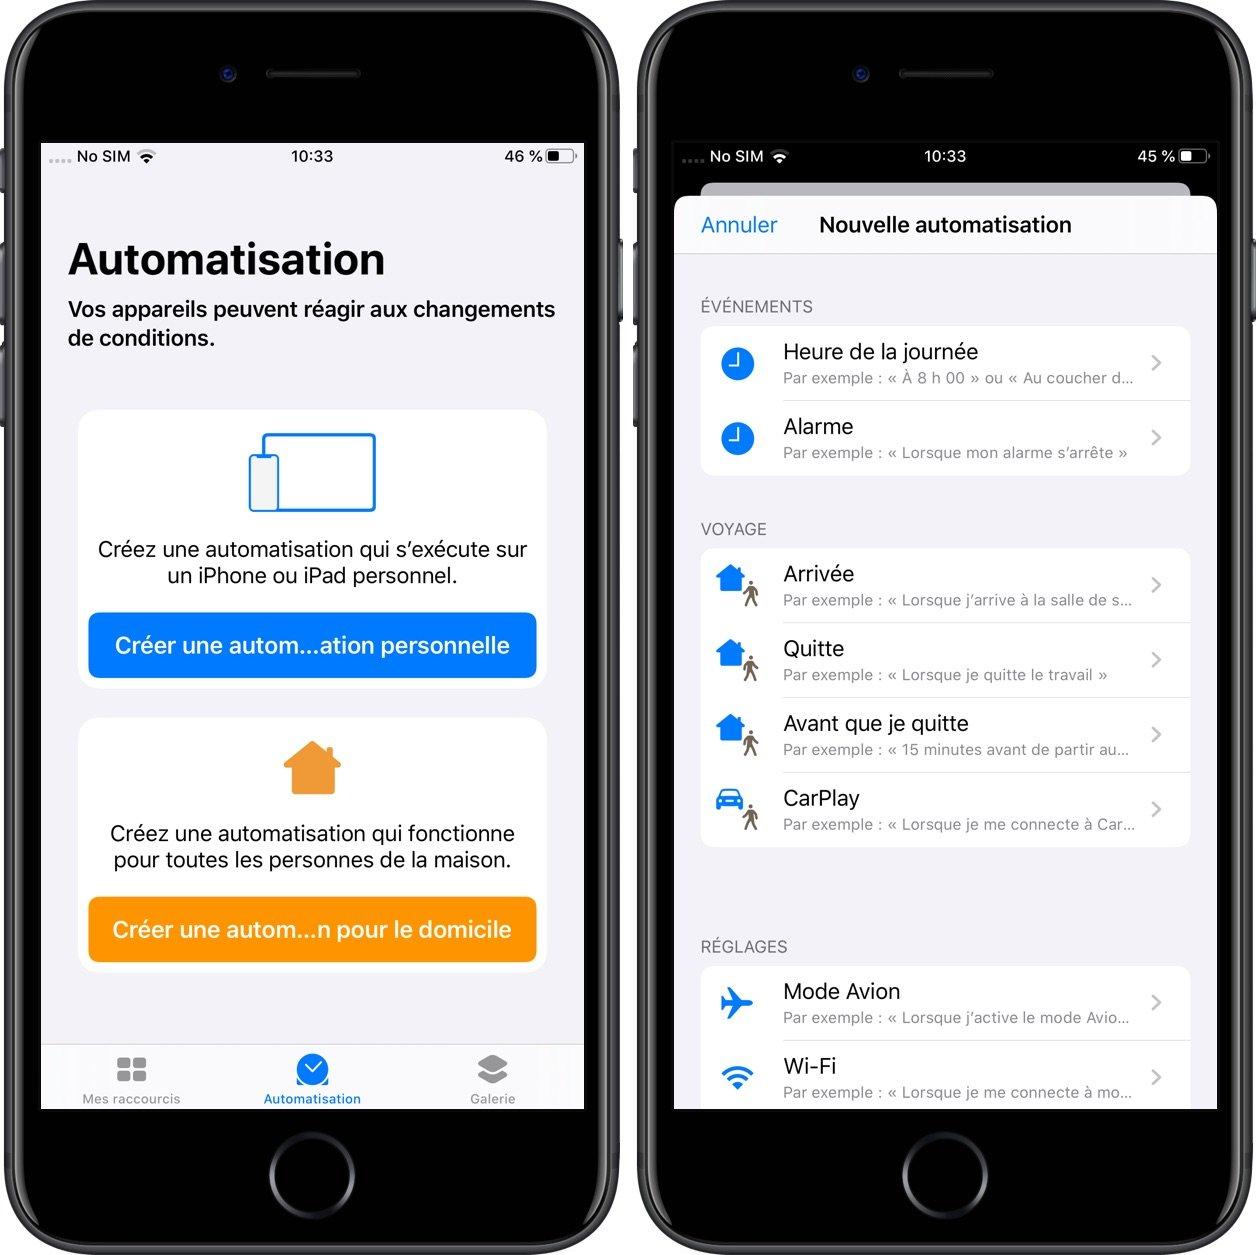 Avec iOS 13, les raccourcis s'enrichissent de nouveaux déclencheurs puissants : la liste 1